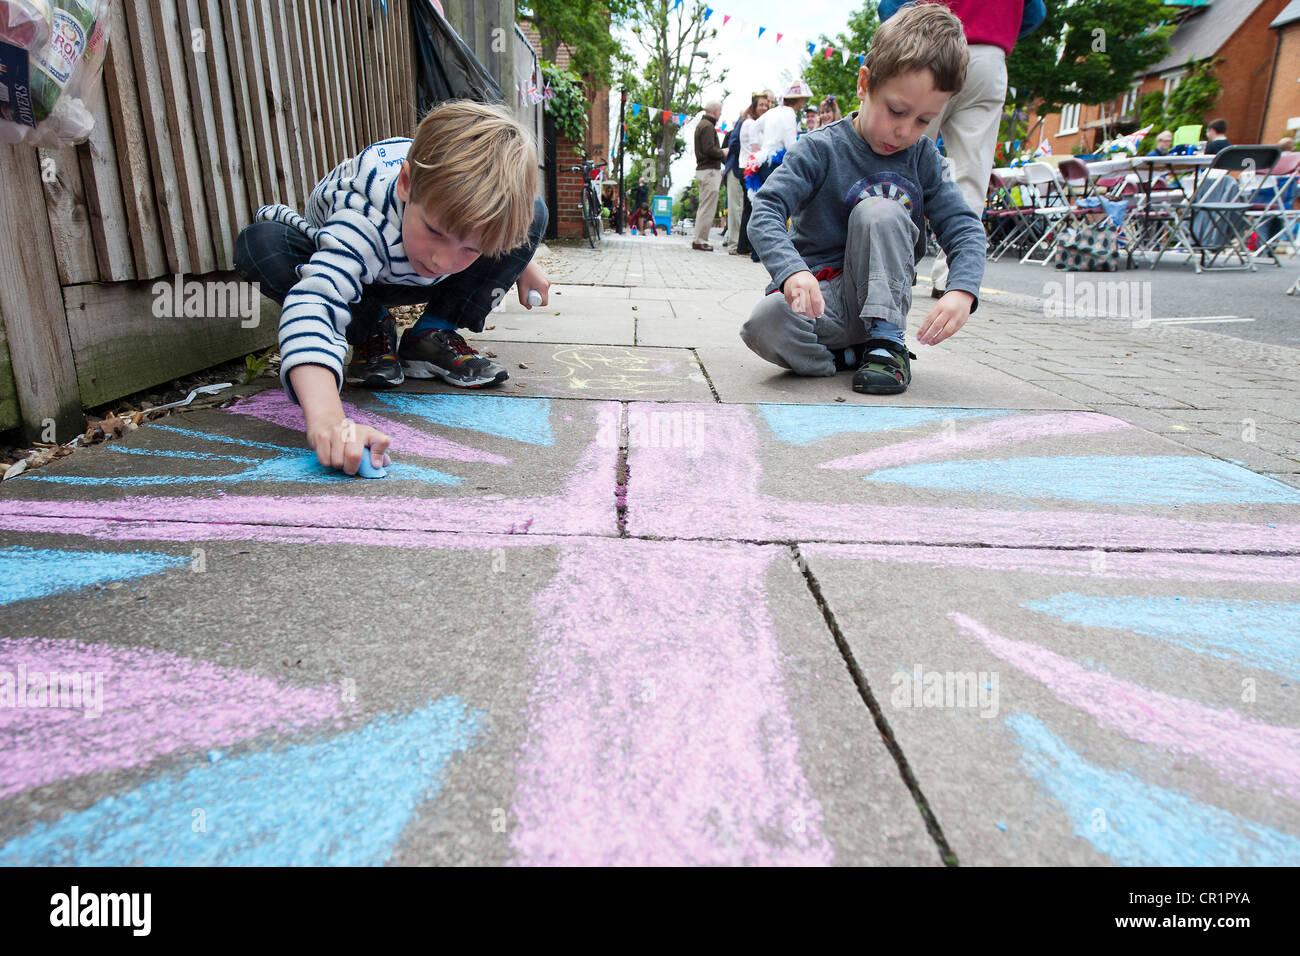 Torte, bunting, face paint e champagne sono goduto in corrispondenza di una strada nella parte sud ovest di Londra Immagini Stock